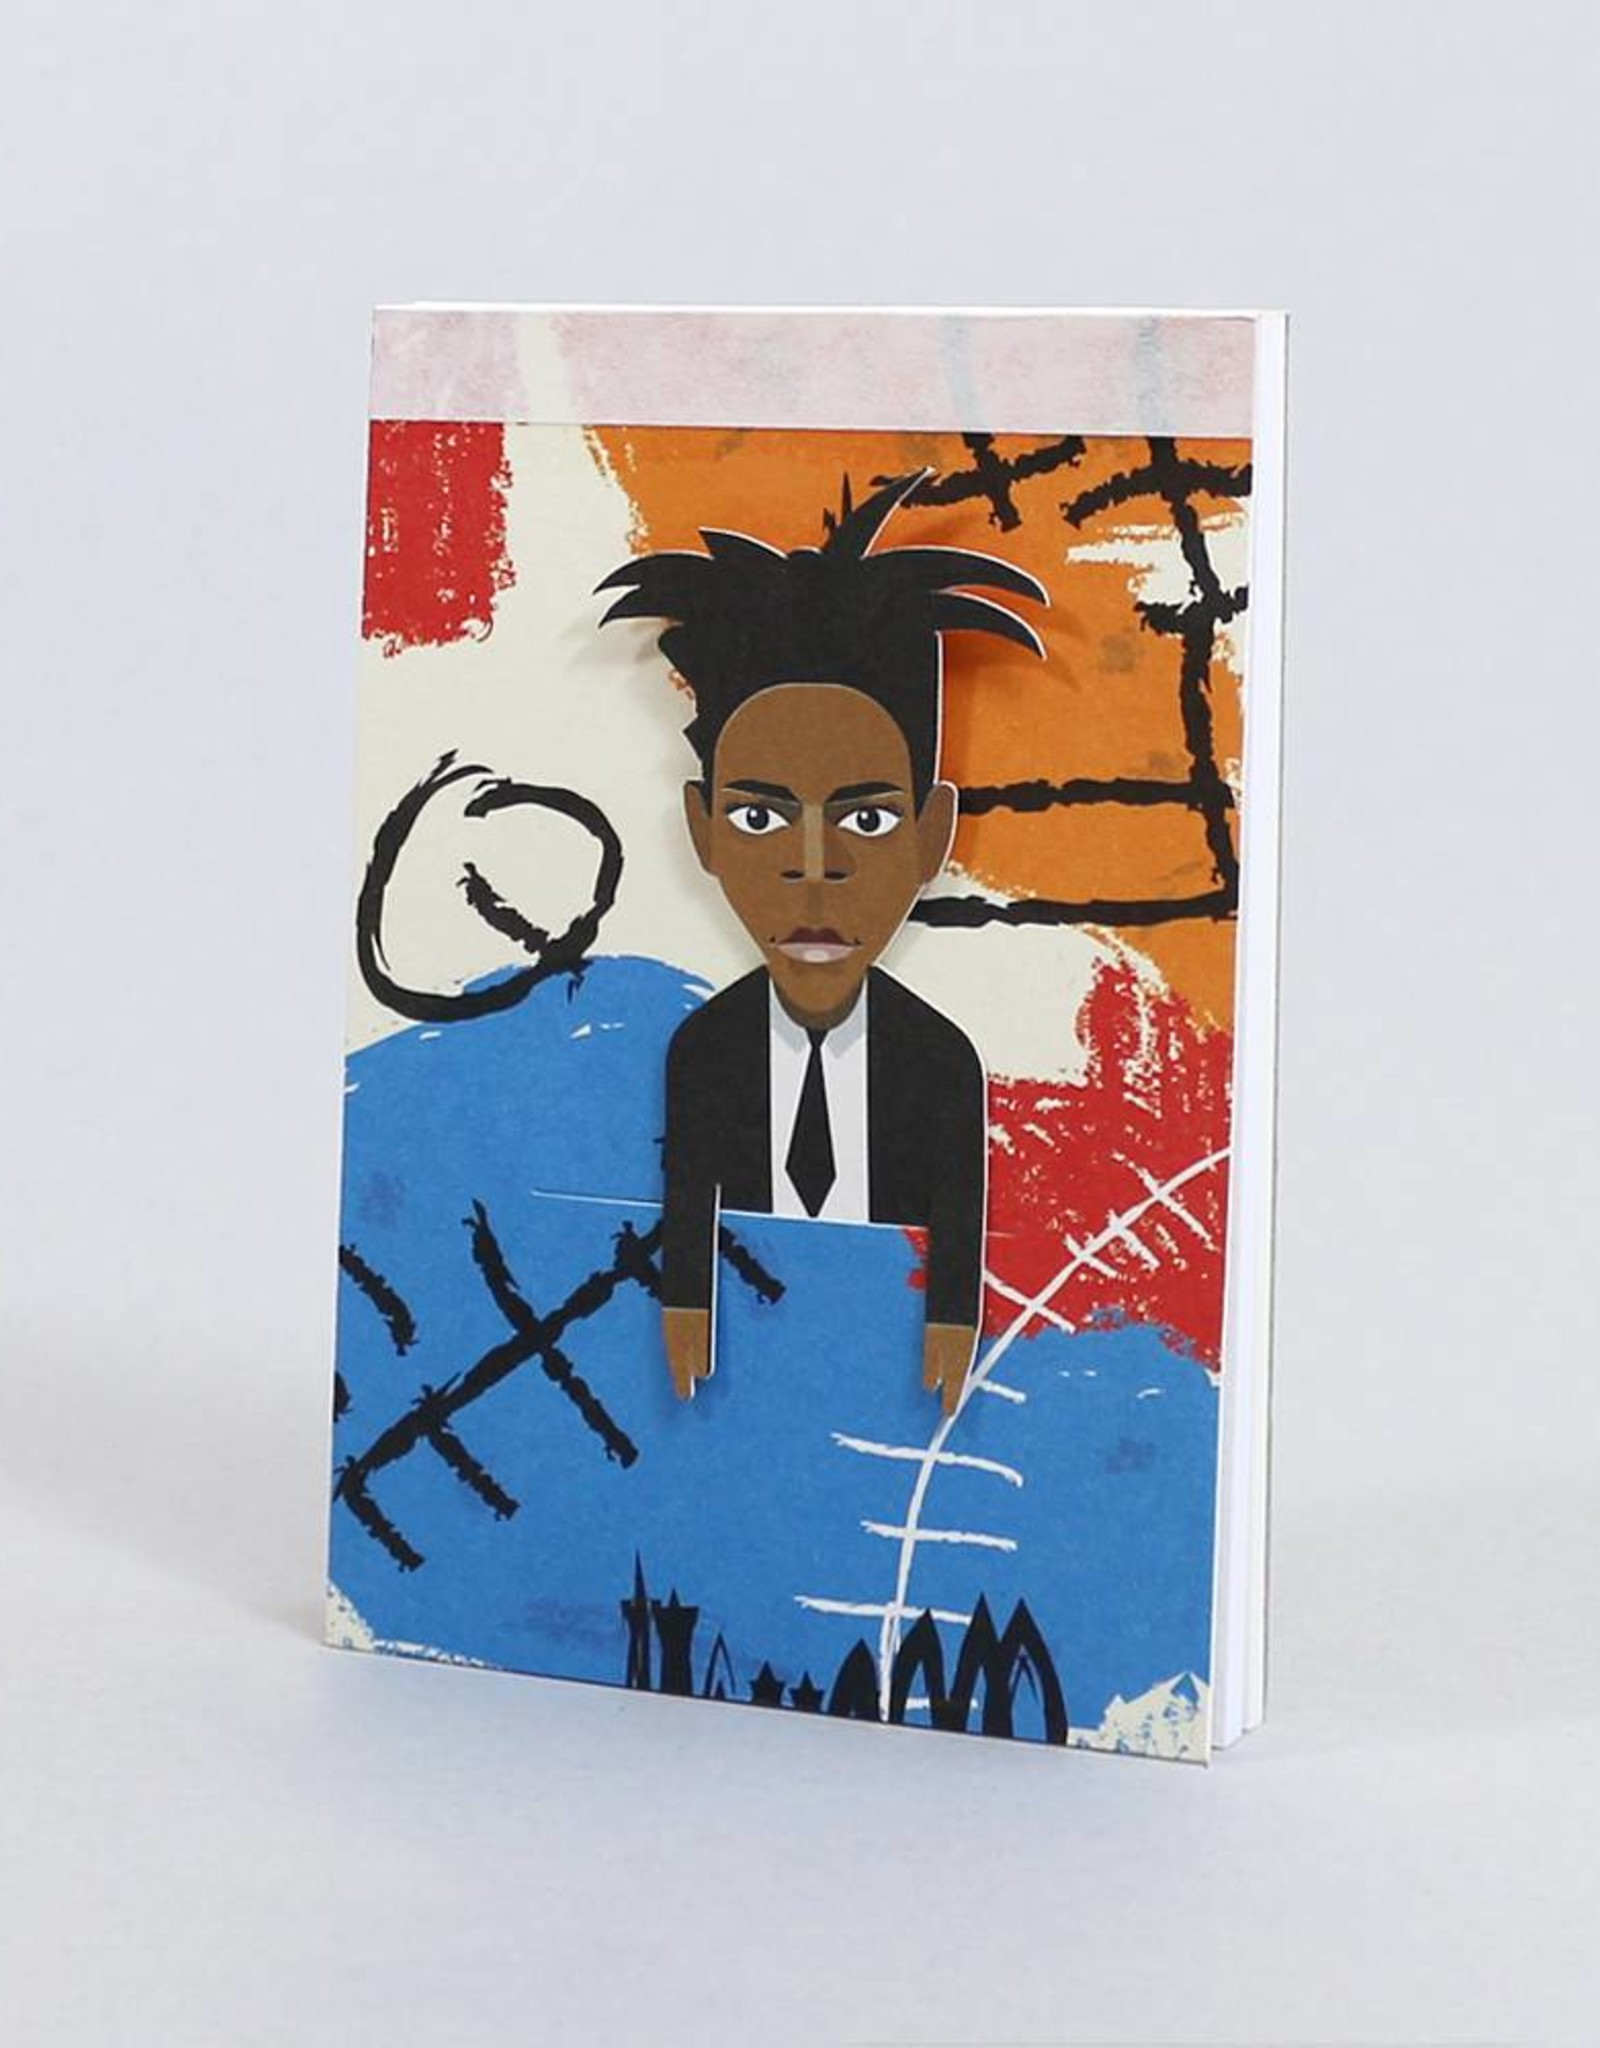 Noodoll Noodoll Pocket Sketchbook Graffiti Artist